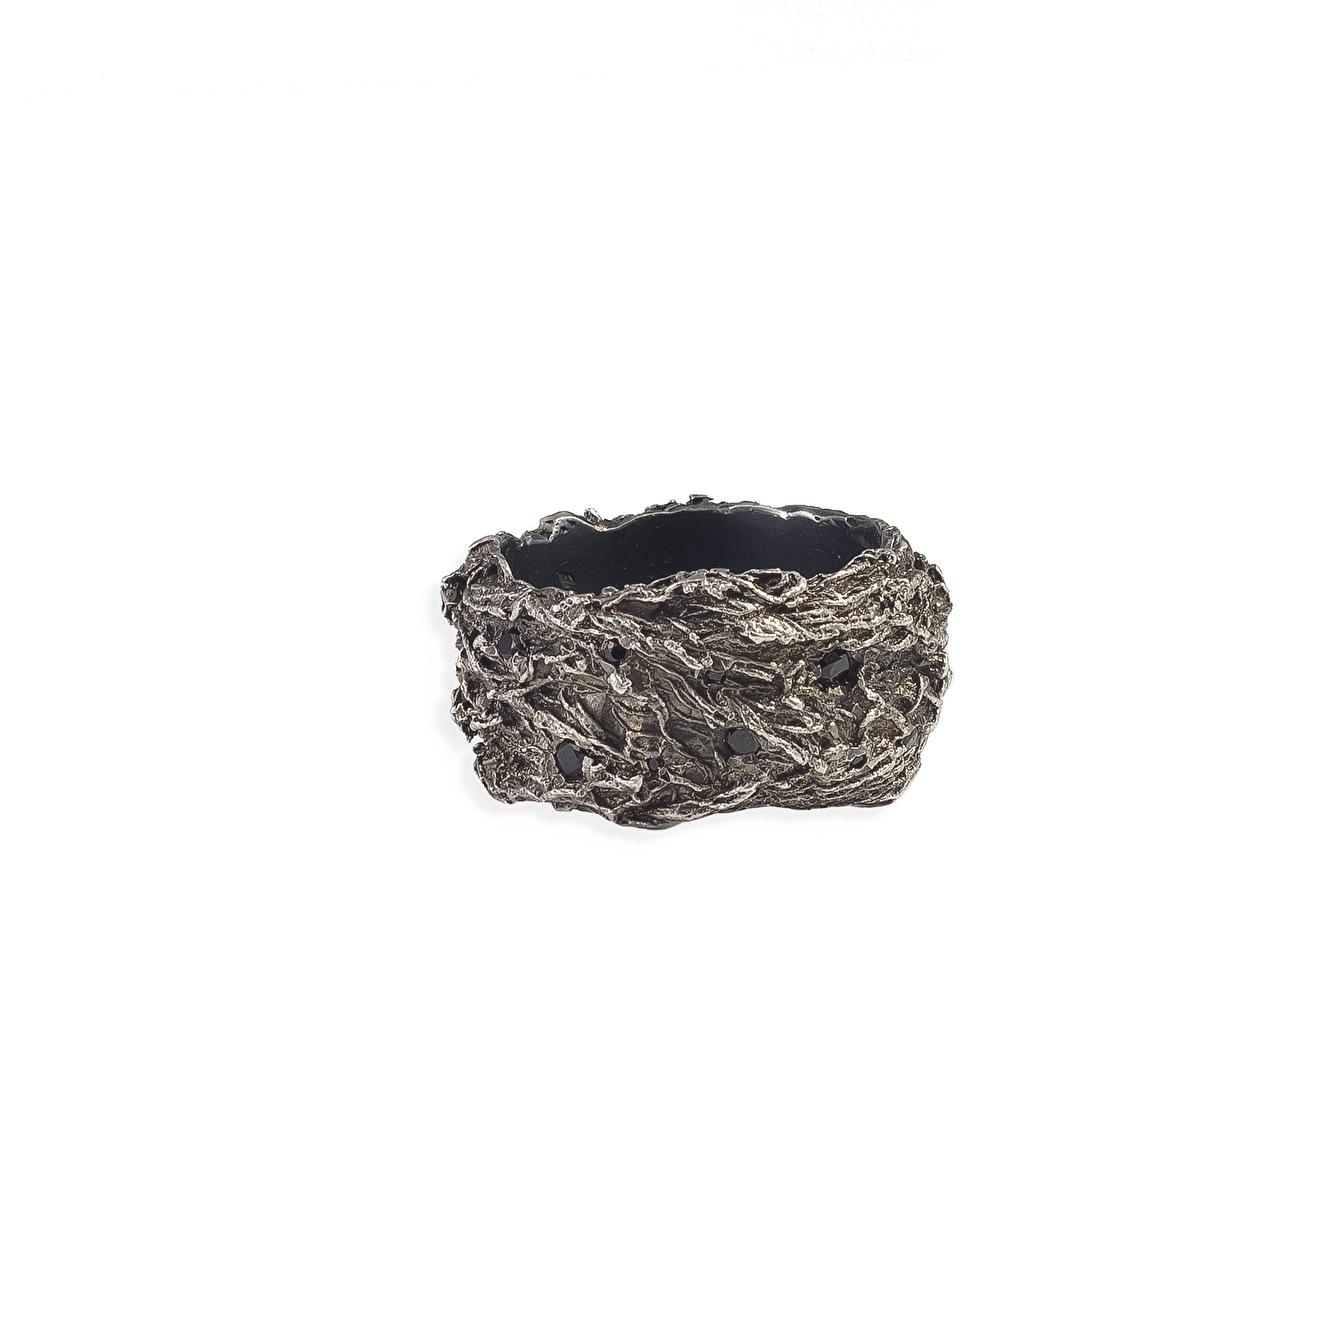 OSSA Широкое кольцо из серебра с черной шпинелью